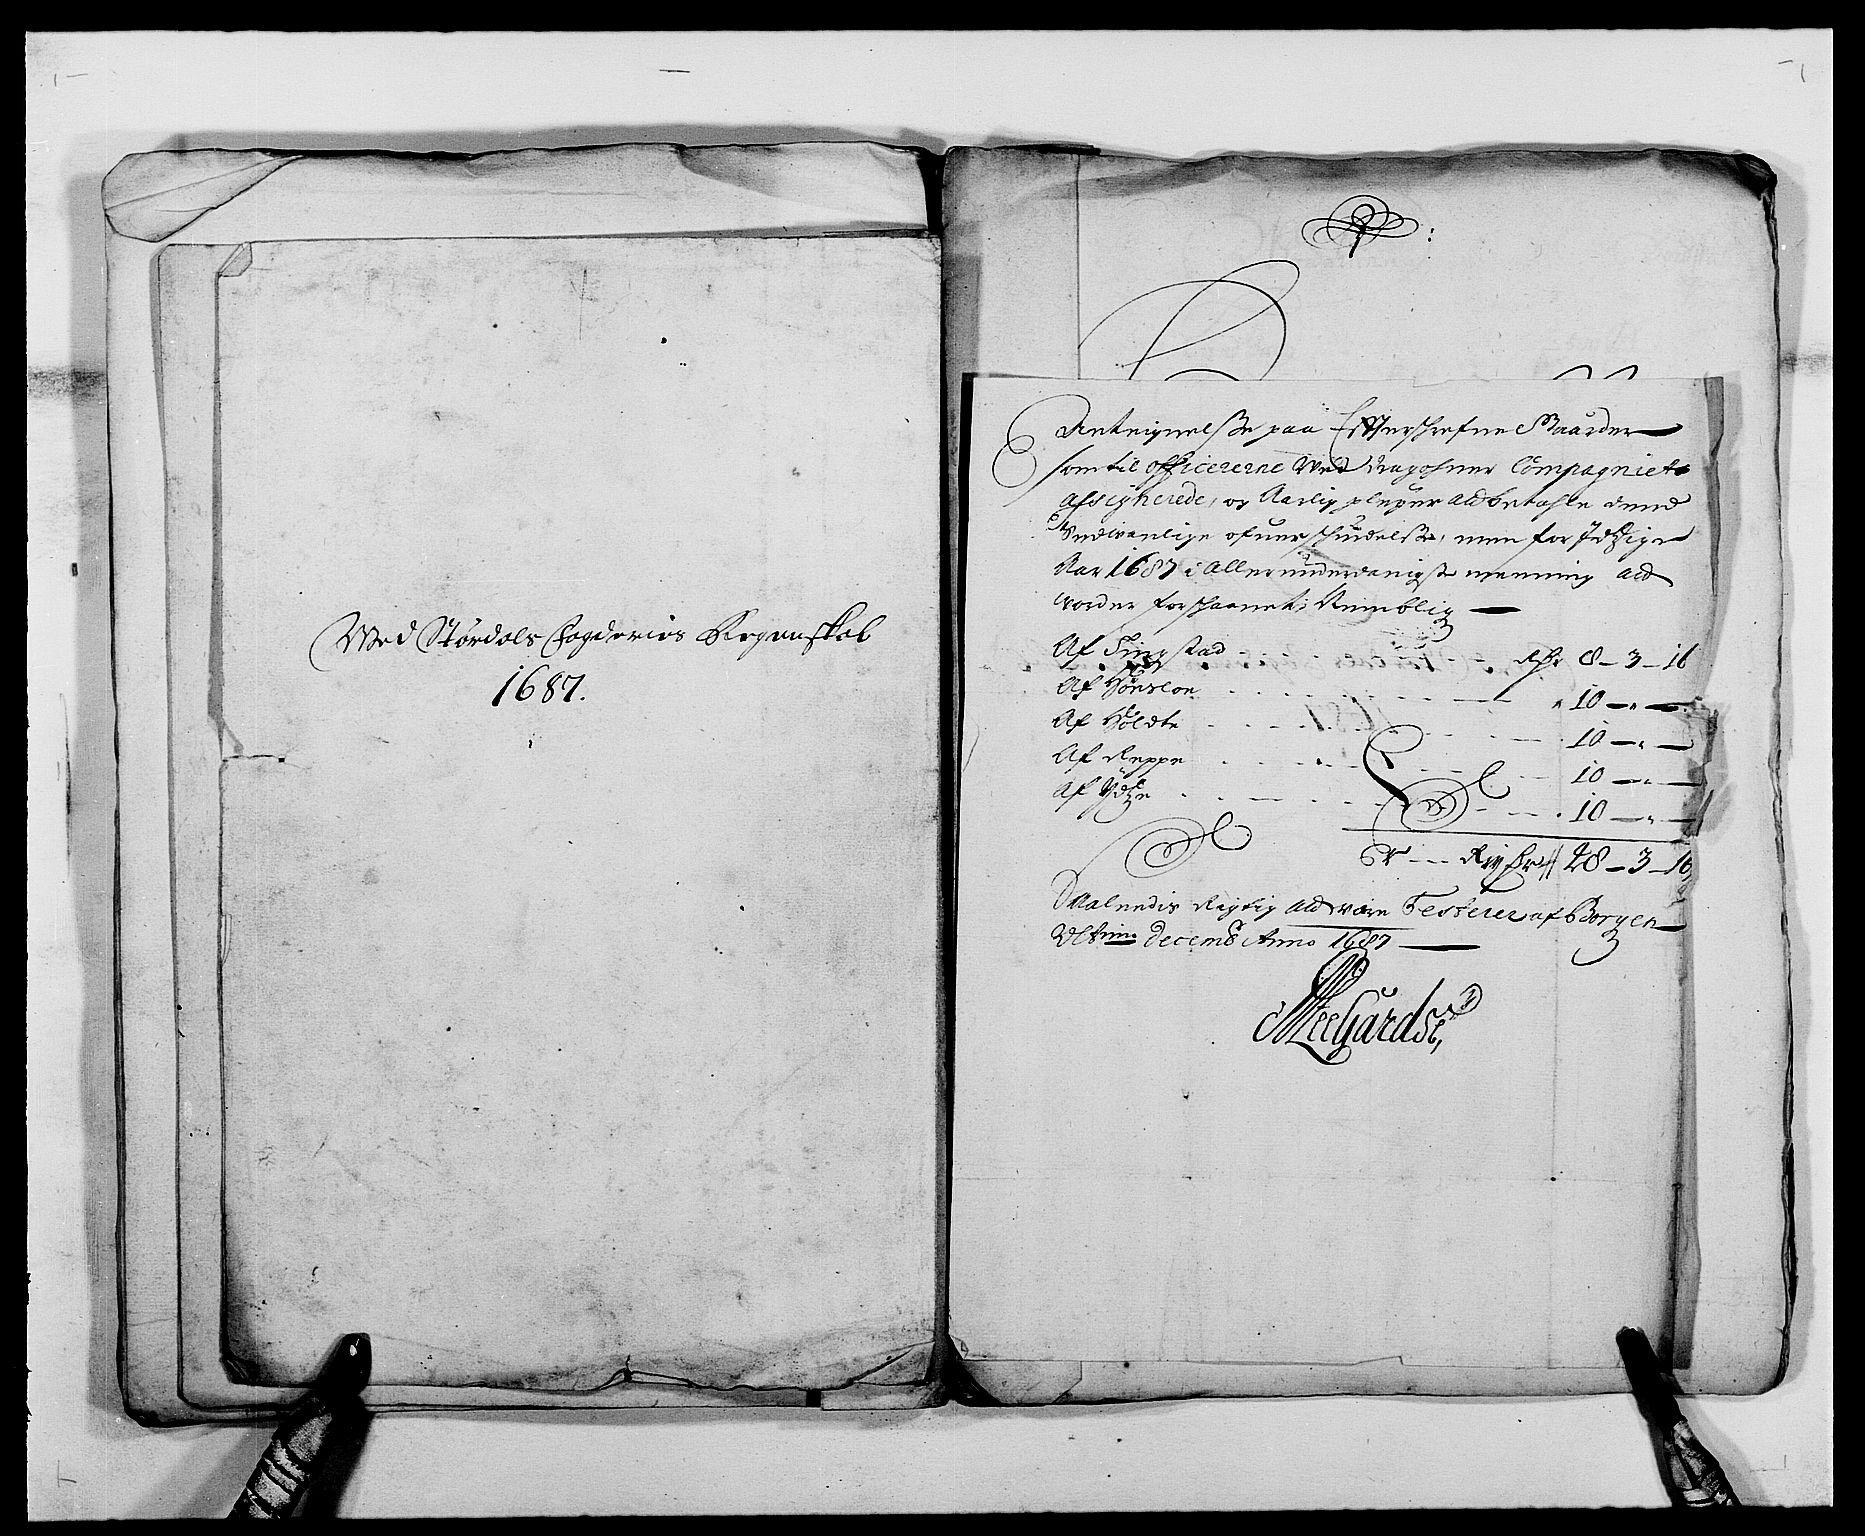 RA, Rentekammeret inntil 1814, Reviderte regnskaper, Fogderegnskap, R62/L4183: Fogderegnskap Stjørdal og Verdal, 1687-1689, s. 43